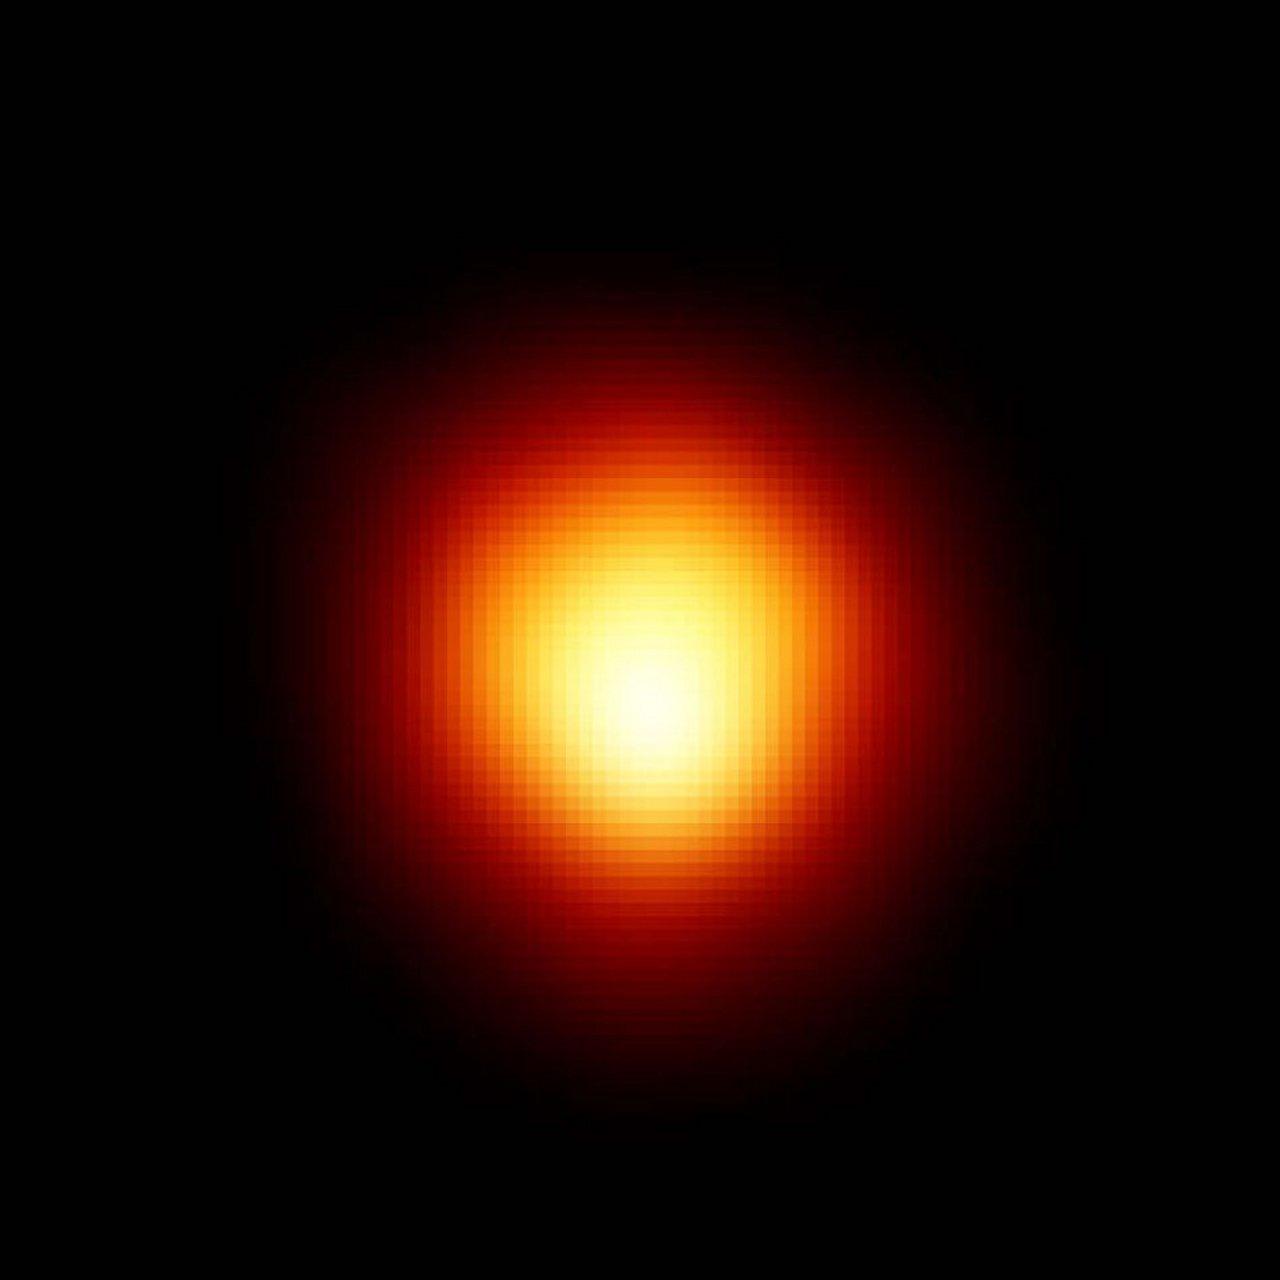 betelgeuse-11642.jpg